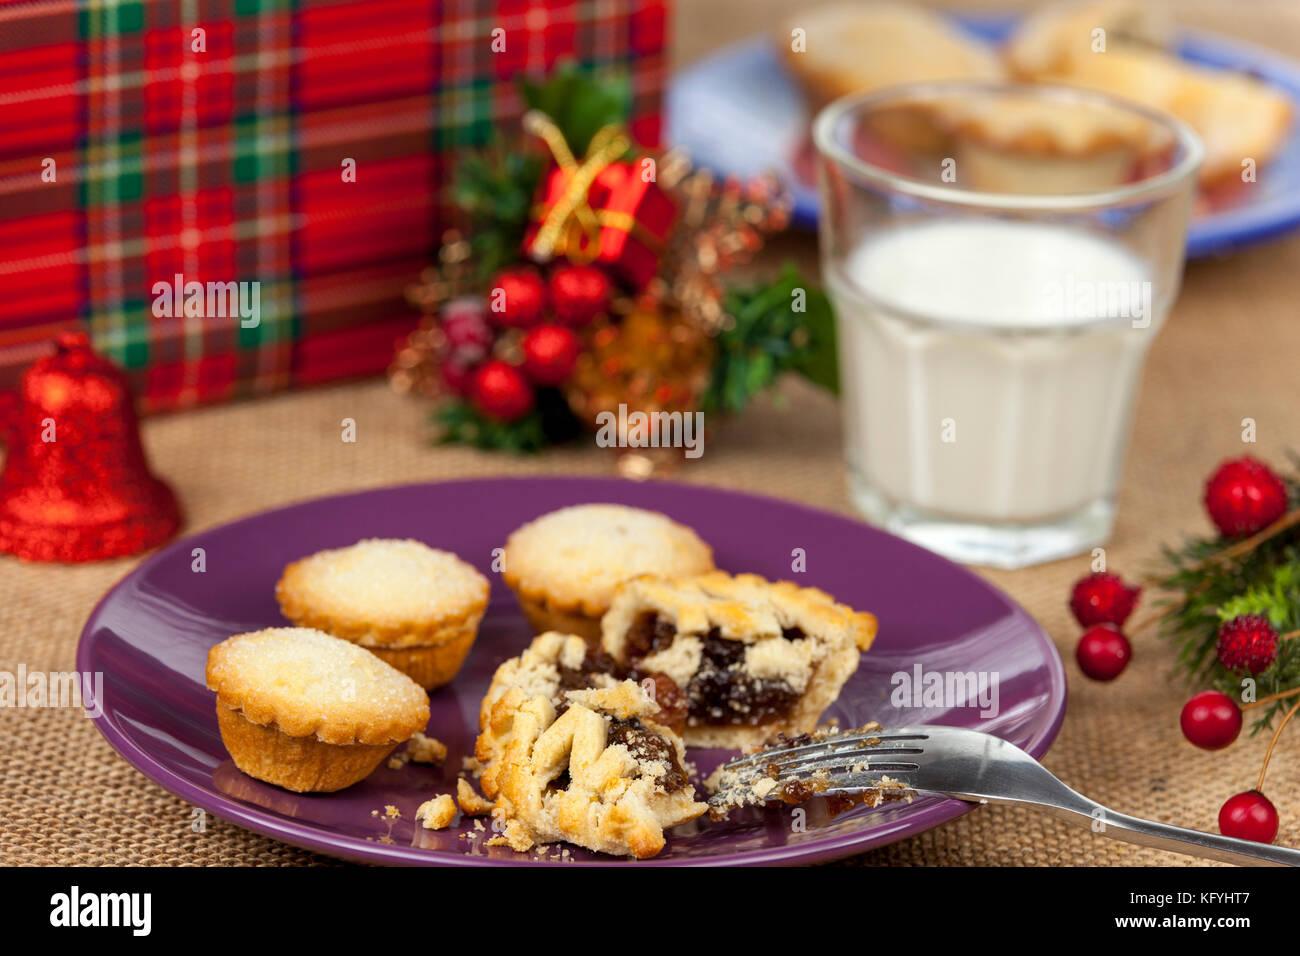 Gebrochene pie auf lila Platte mit einem Glas Milch auf Weihnachten ein Tisch mit einem hessischen Tischdecke mince Stockbild